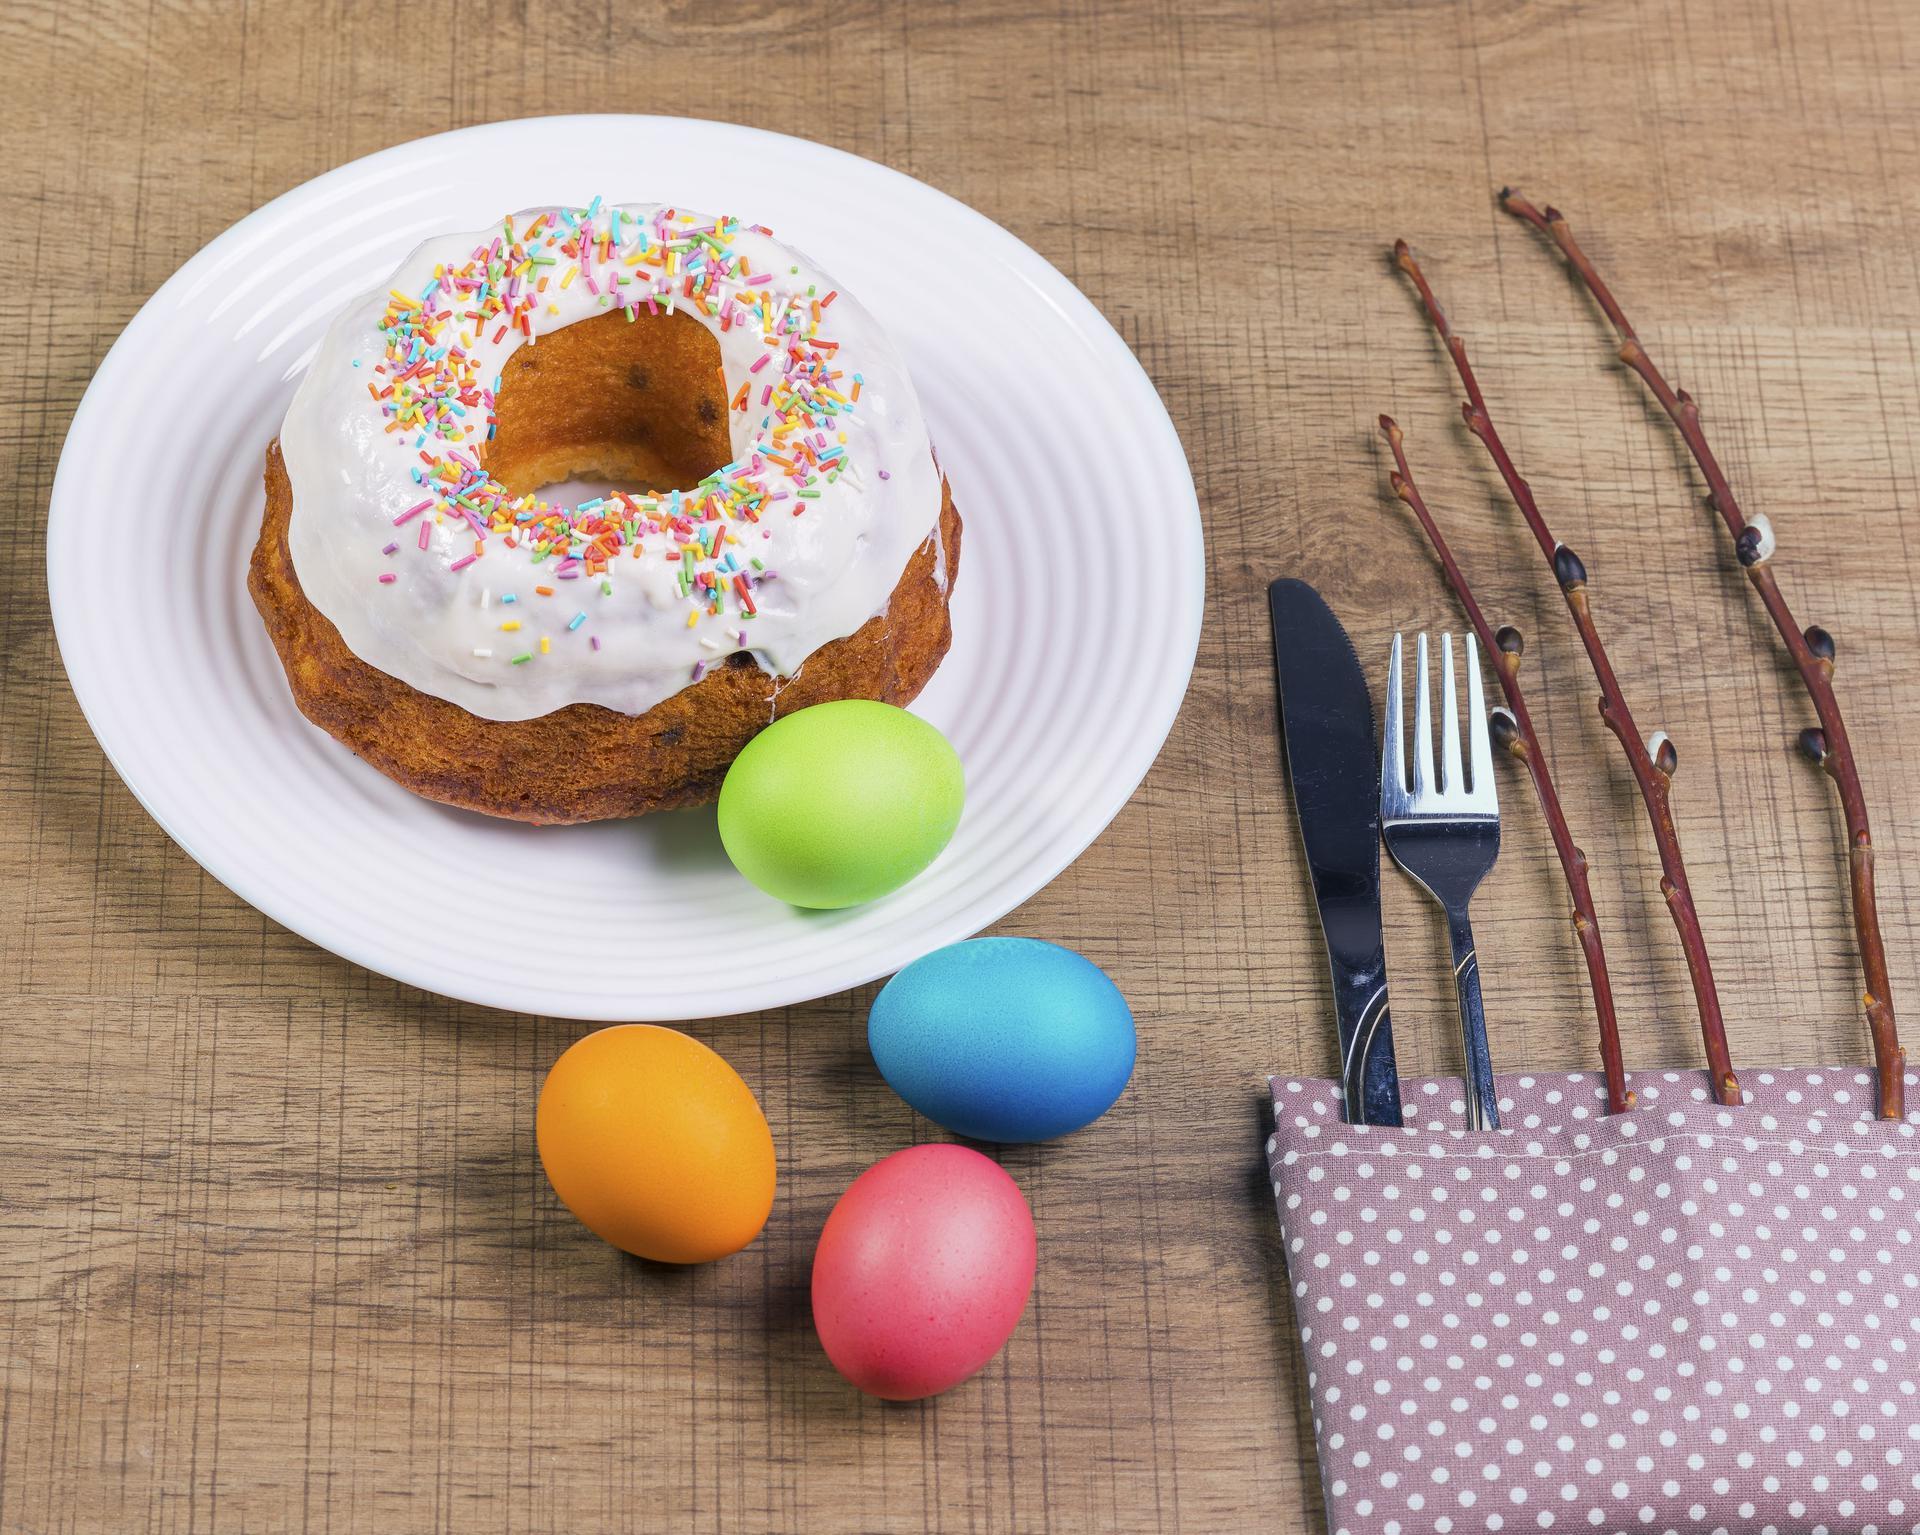 Ciasta Na Wielkanoc 7 Najlepszych Przepisow Na Wielkanocne Wypieki